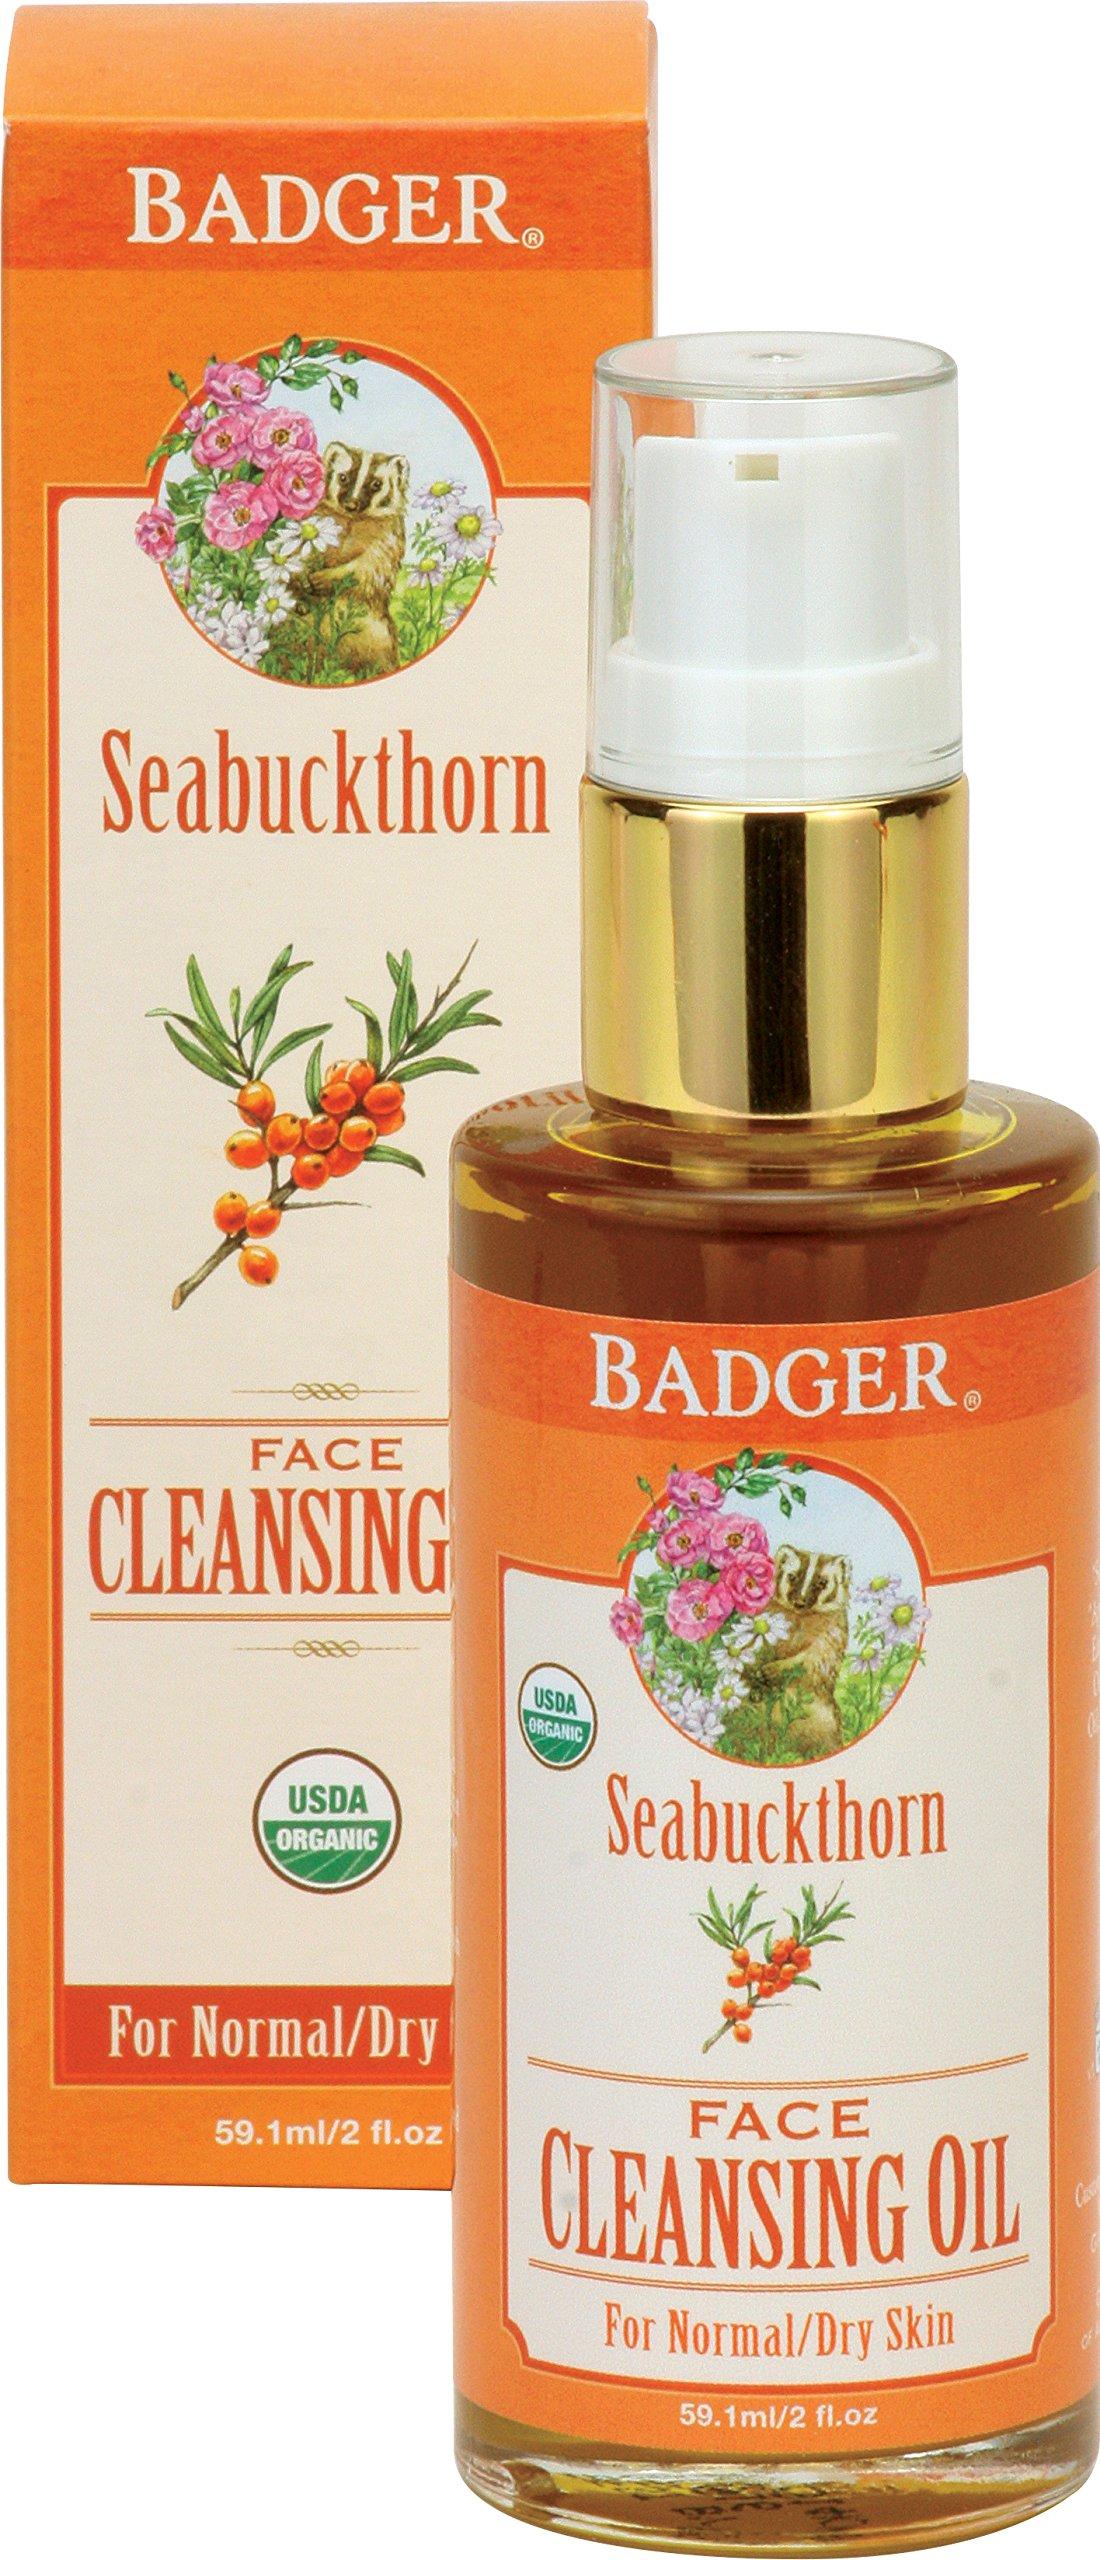 Badger Seabuckthorn Face Cleansing Oil - 2 fl oz Glass Bottle